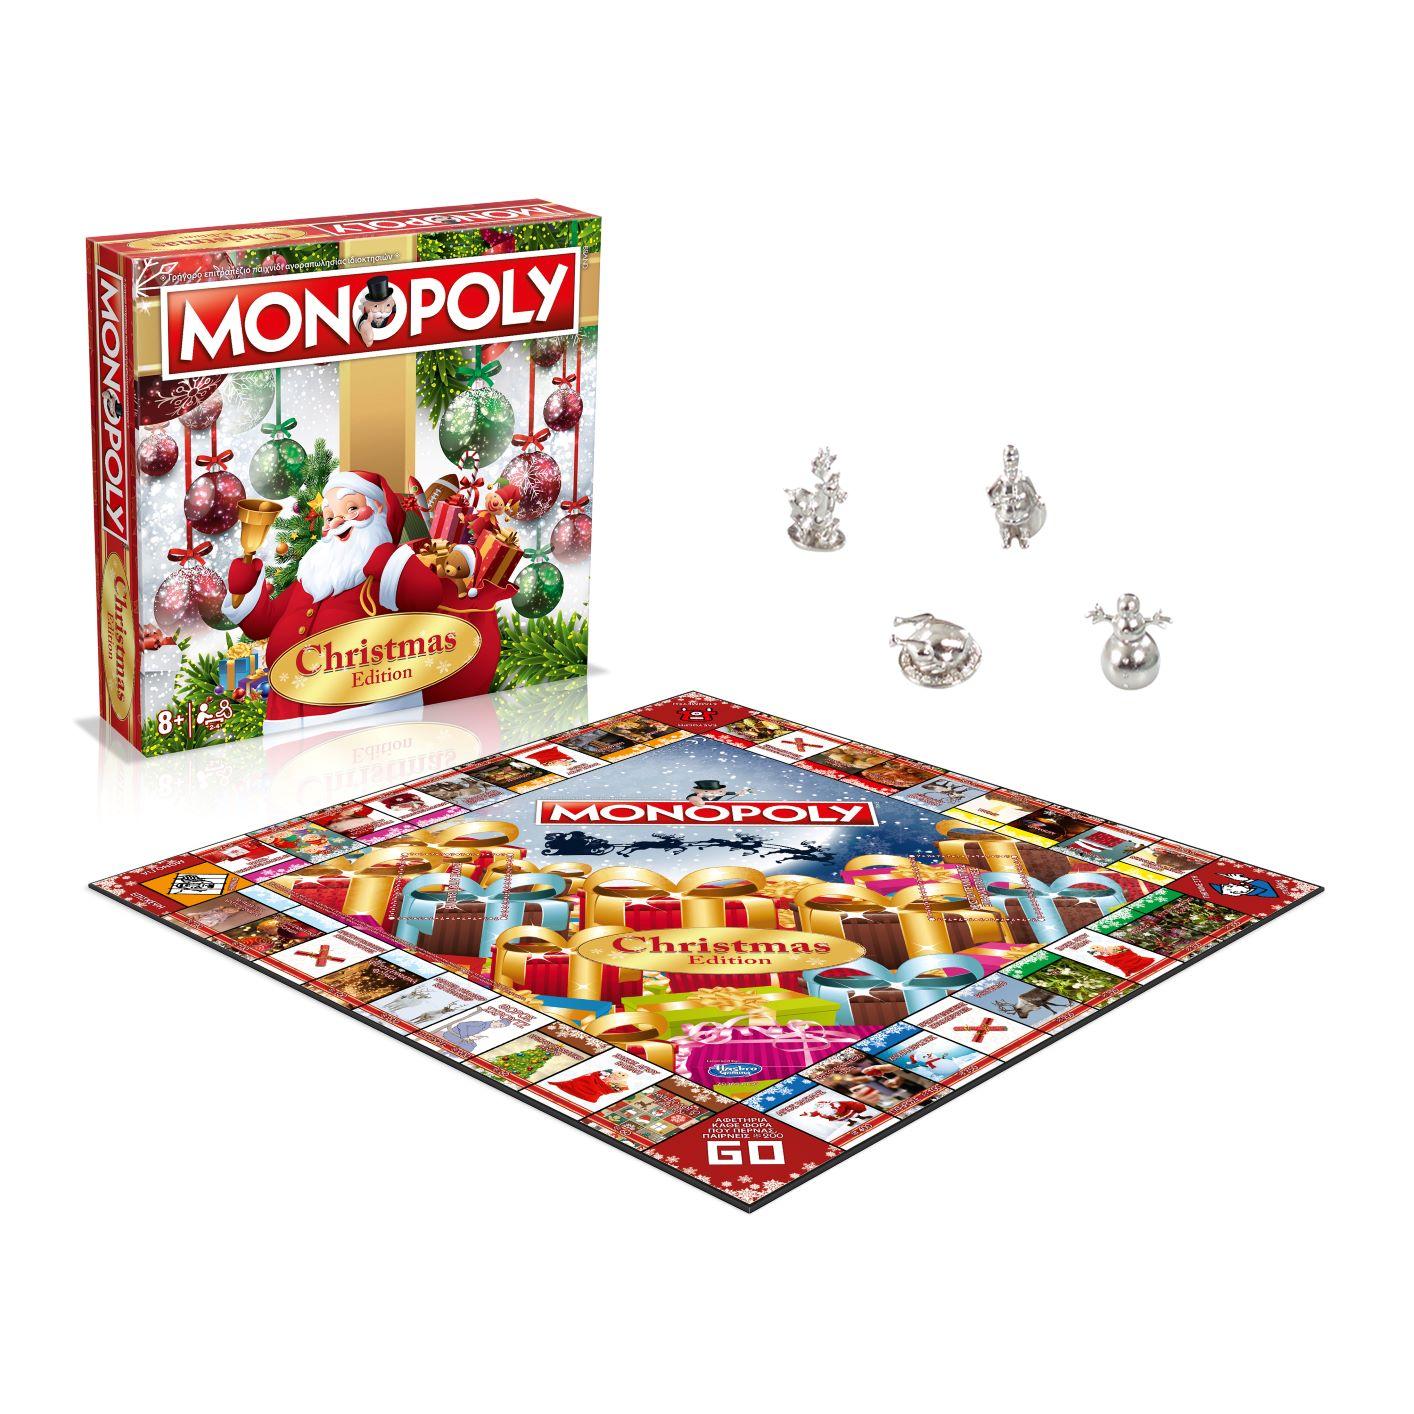 Ο Mr. Monopoly έρχεται αποκλειστικά στα πρατήρια Shell!